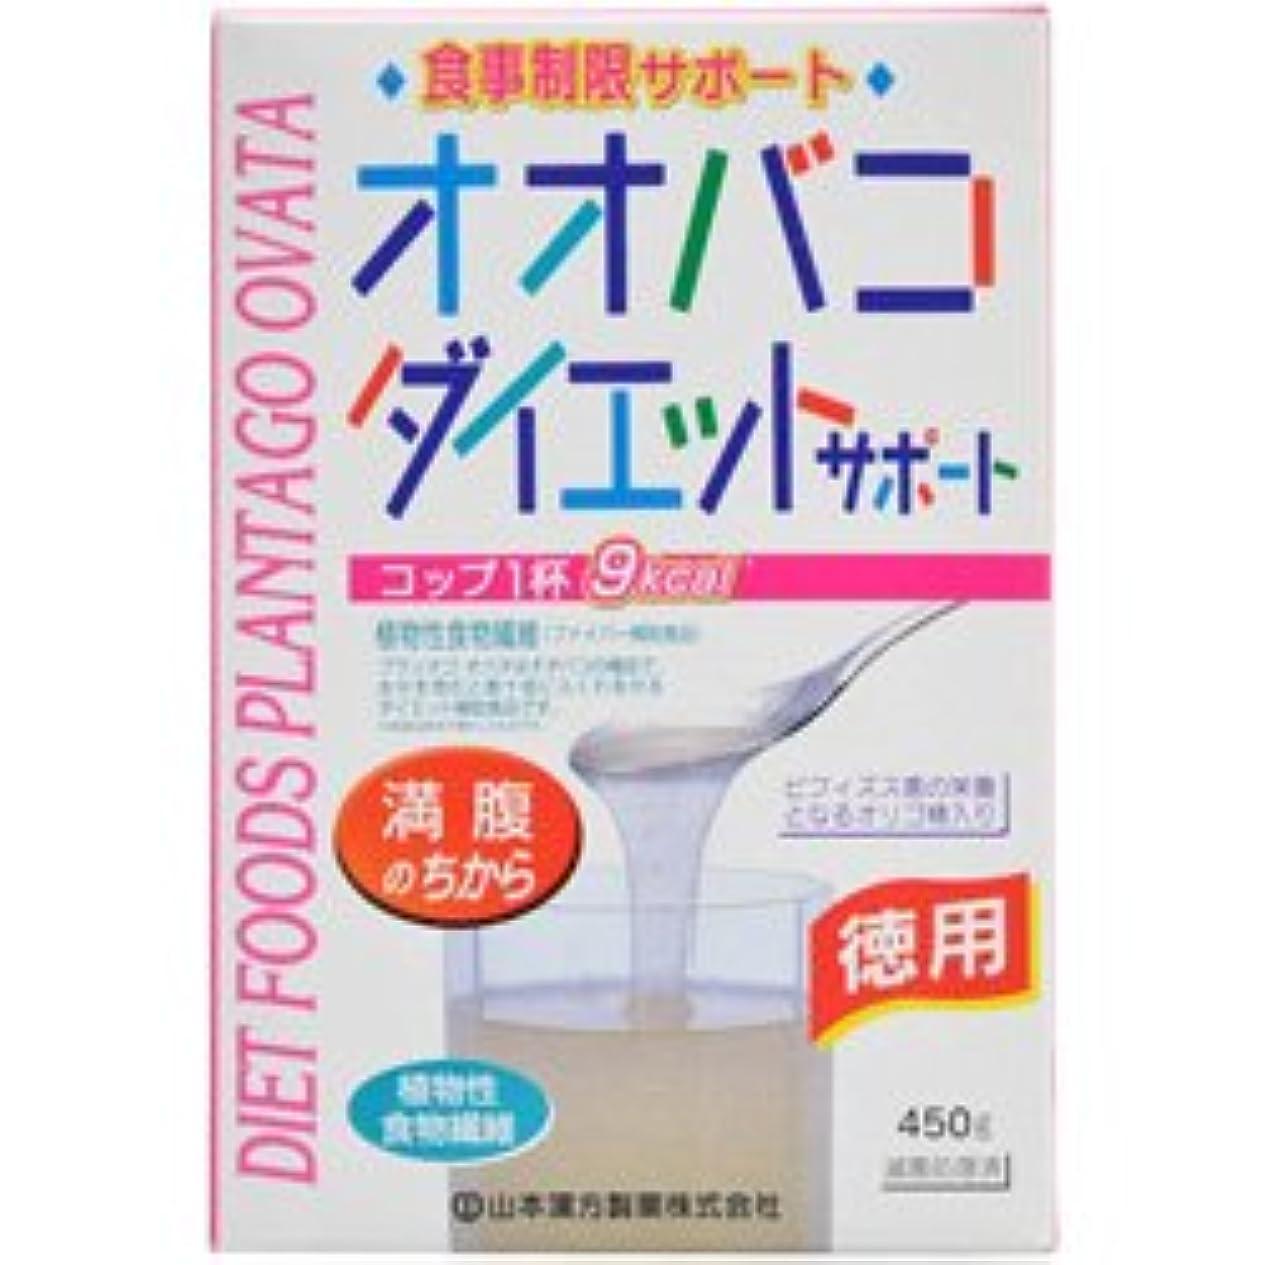 広い補助スケッチ【山本漢方製薬】オオバコ ダイエット お徳用 450g ×20個セット